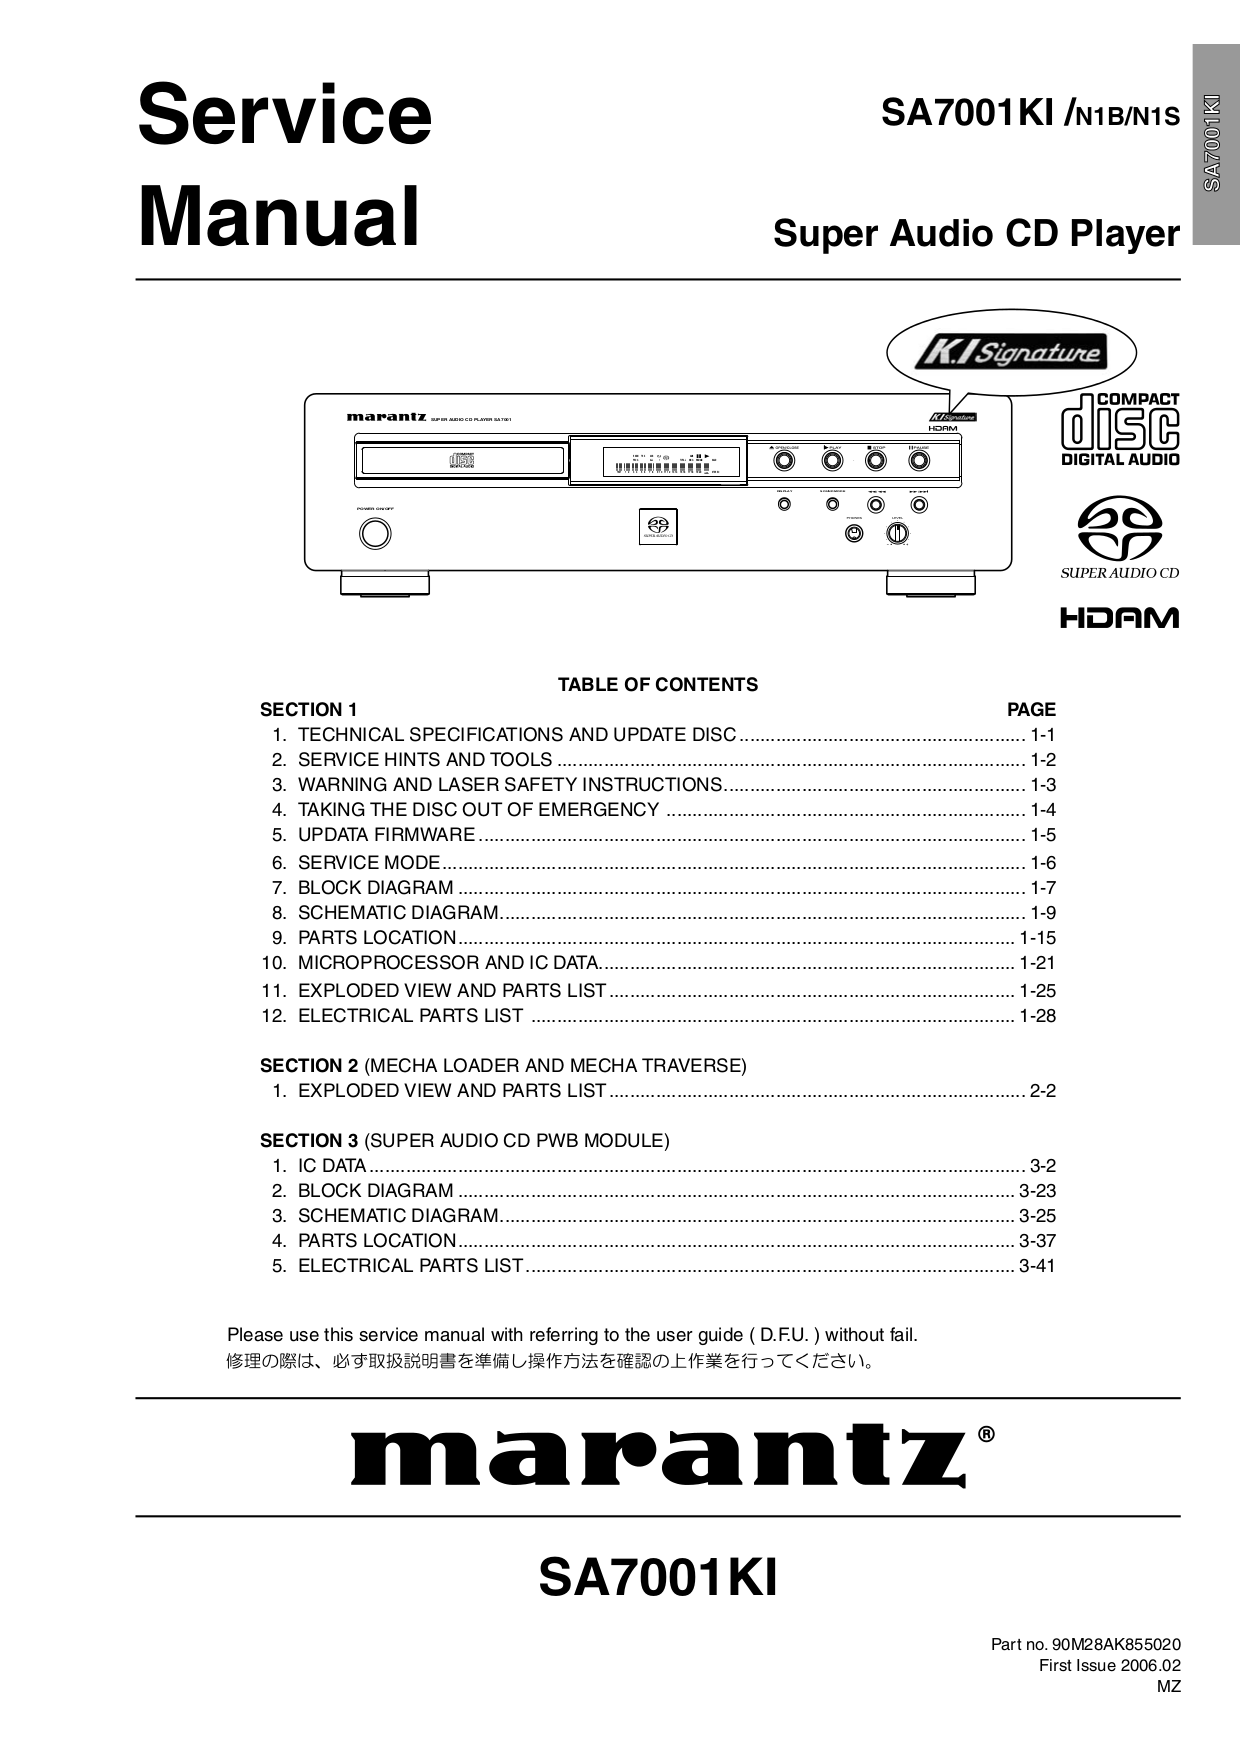 pdf for Marantz CD Player SA8001 manual